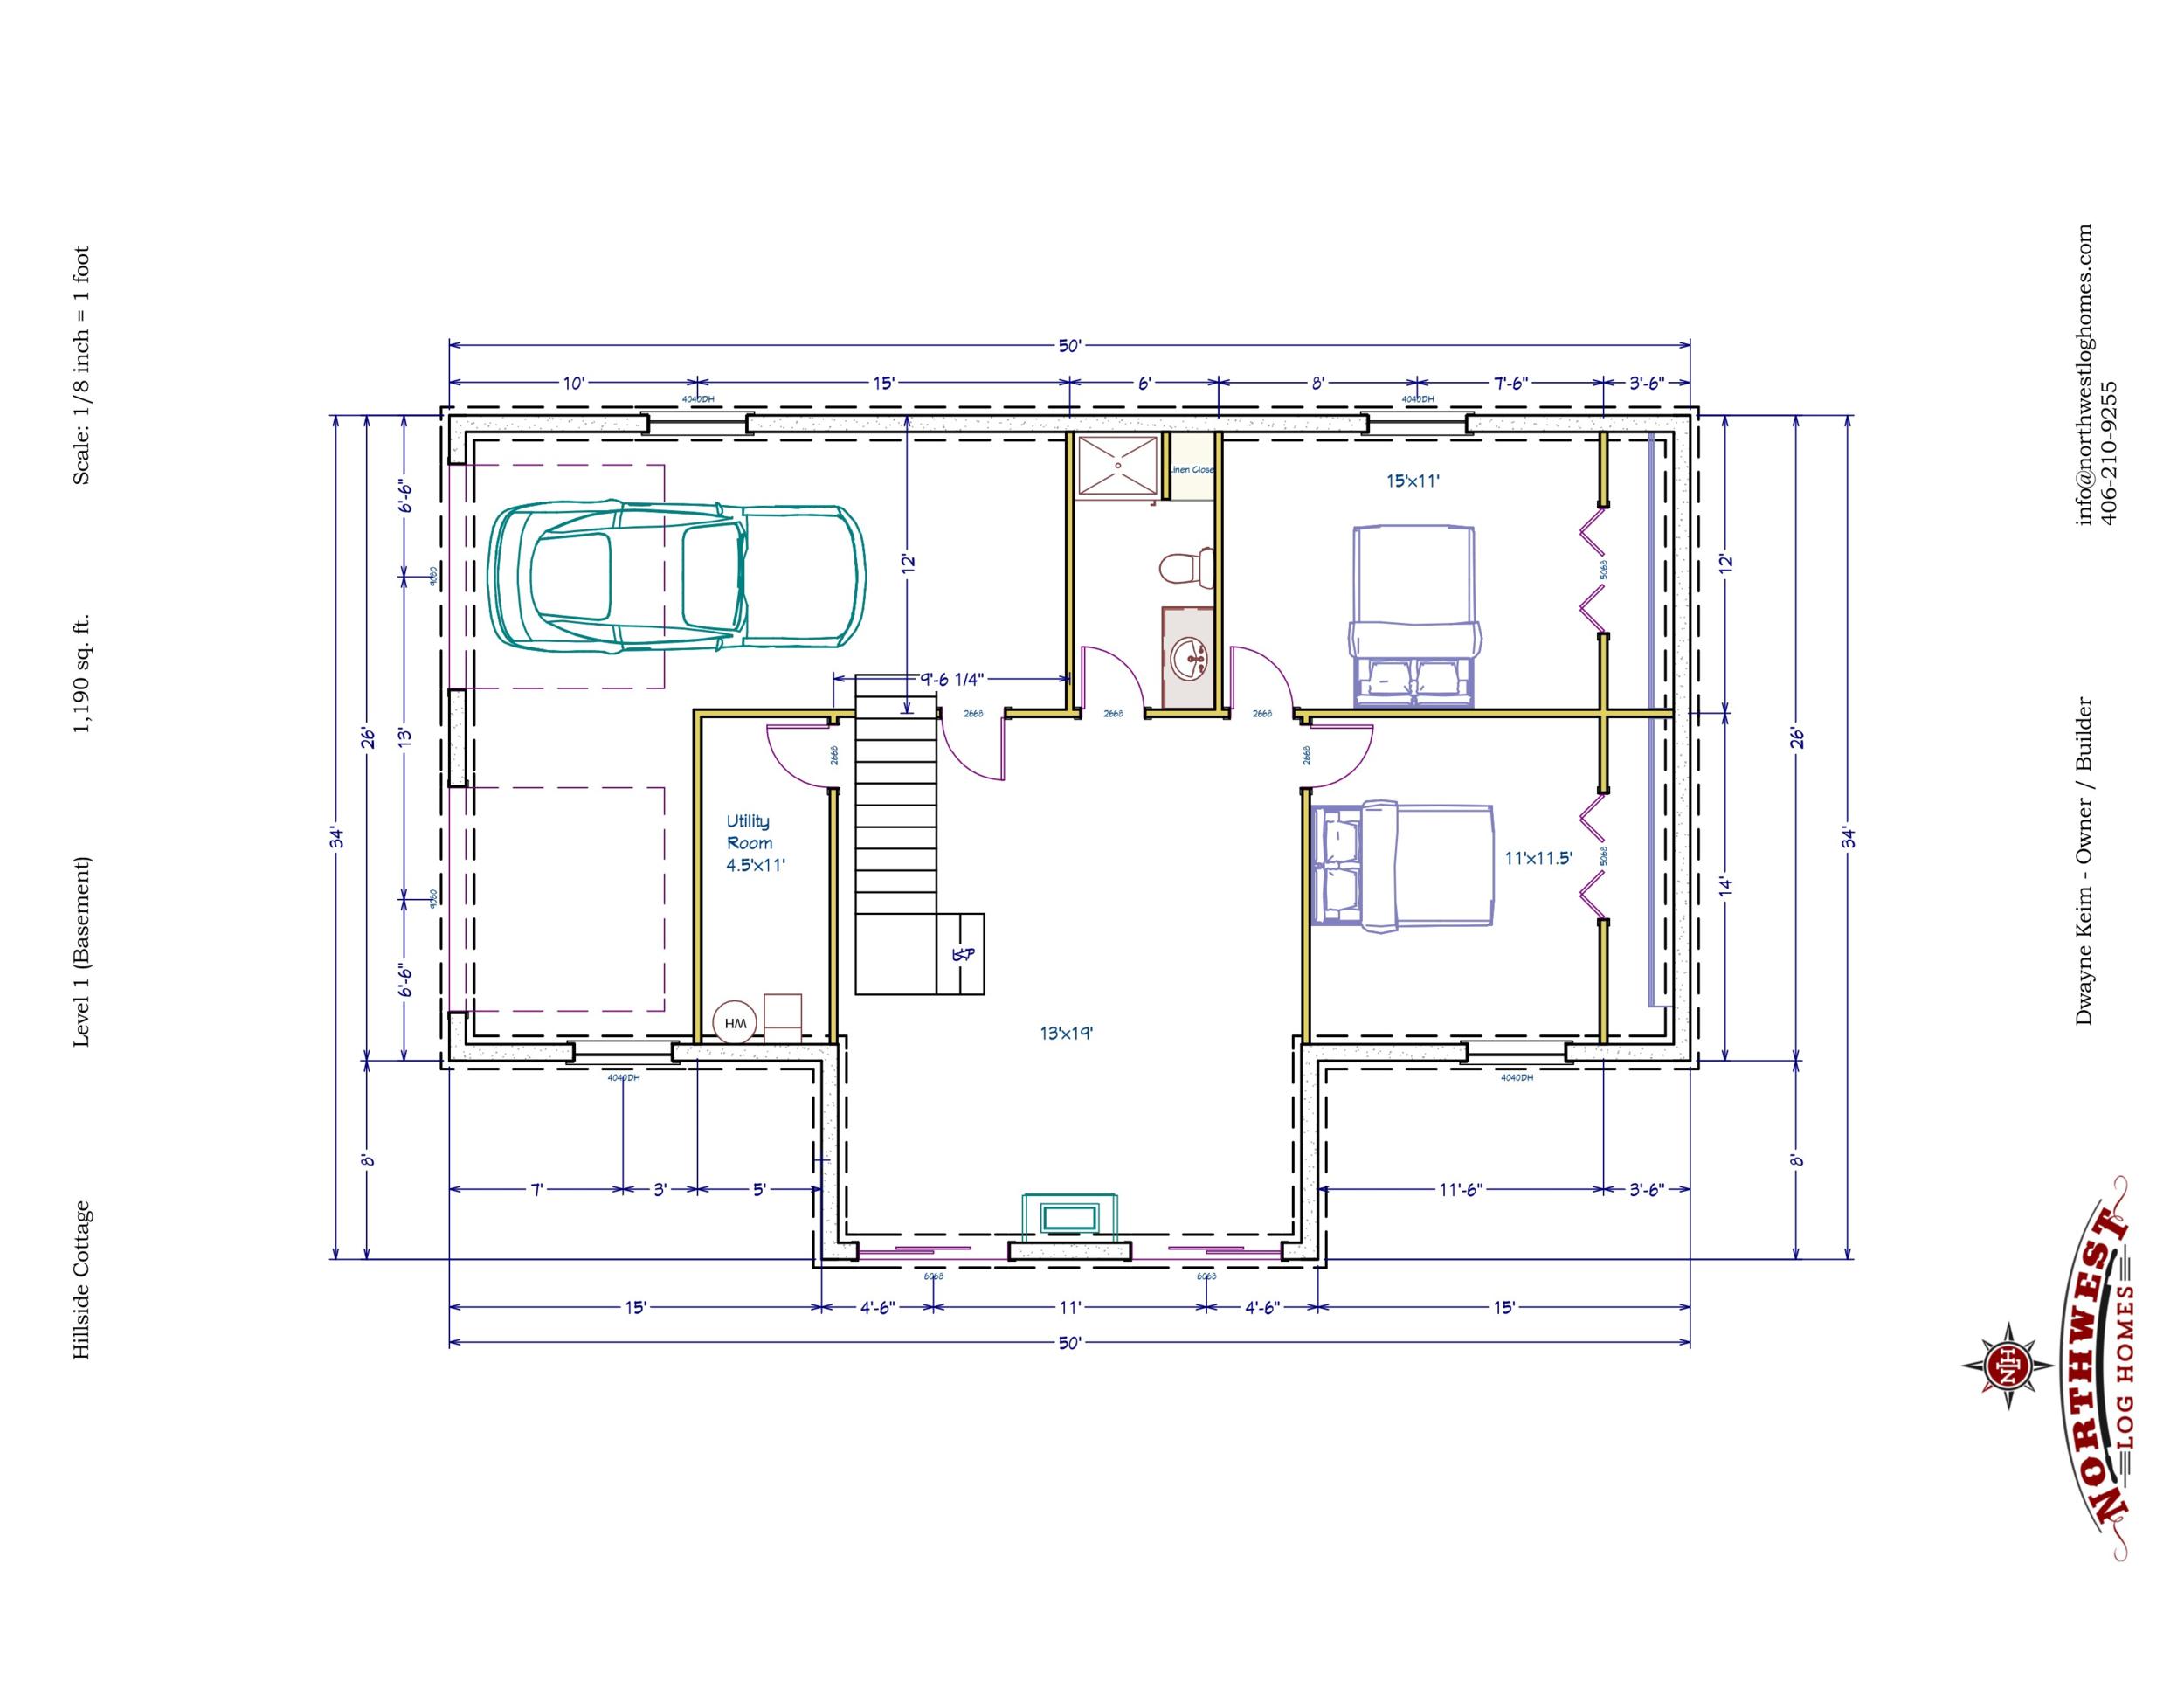 Basement - 1,190 sq. ft.